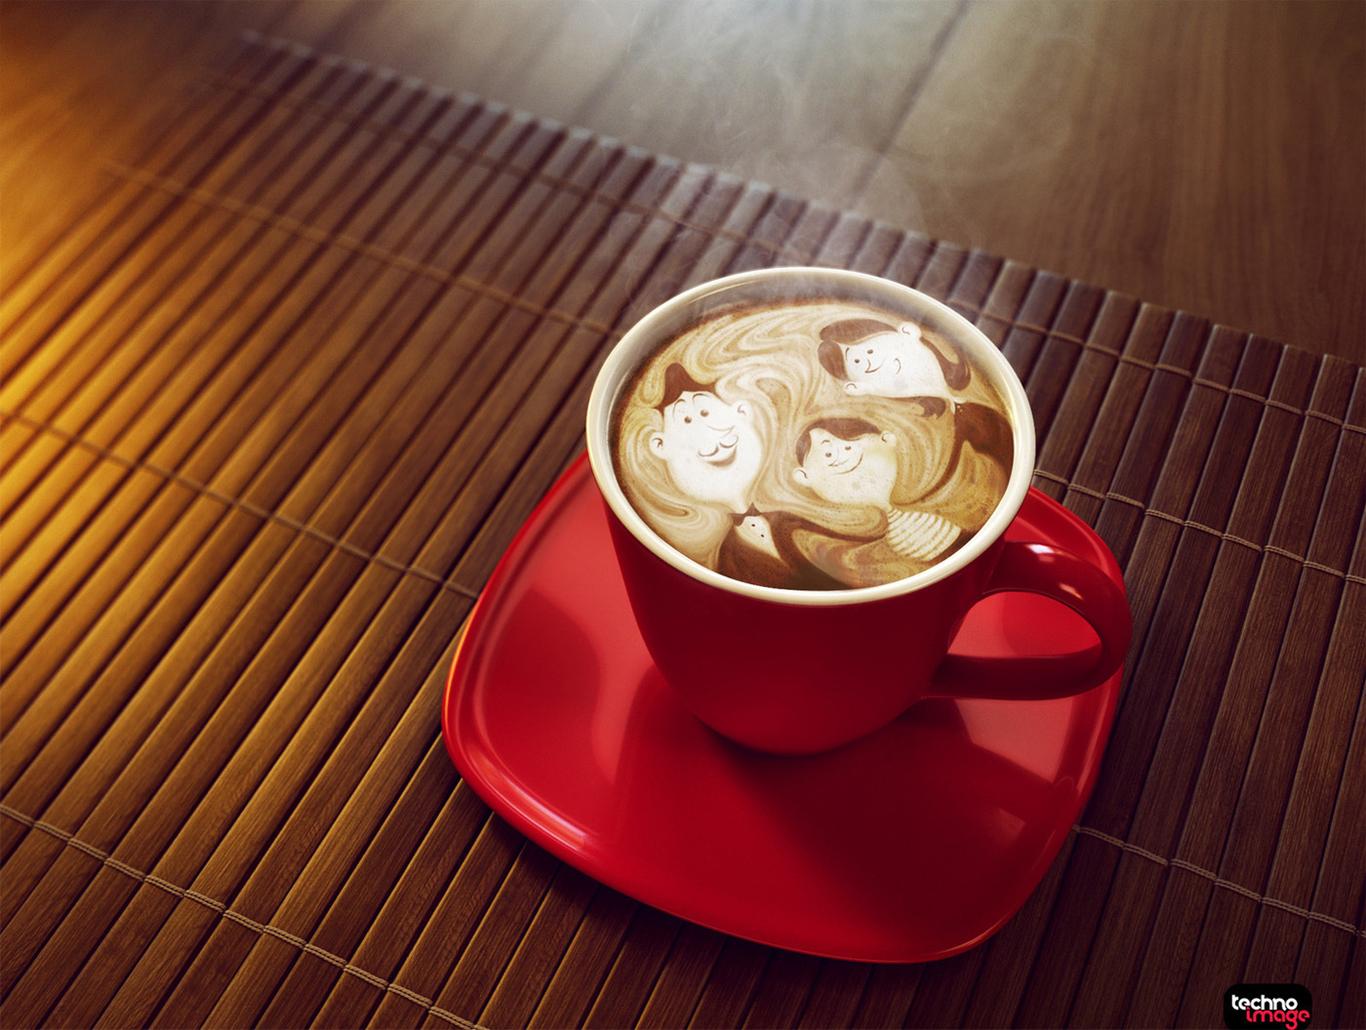 Pedroconti coffee time 1 096de1f4 blh6